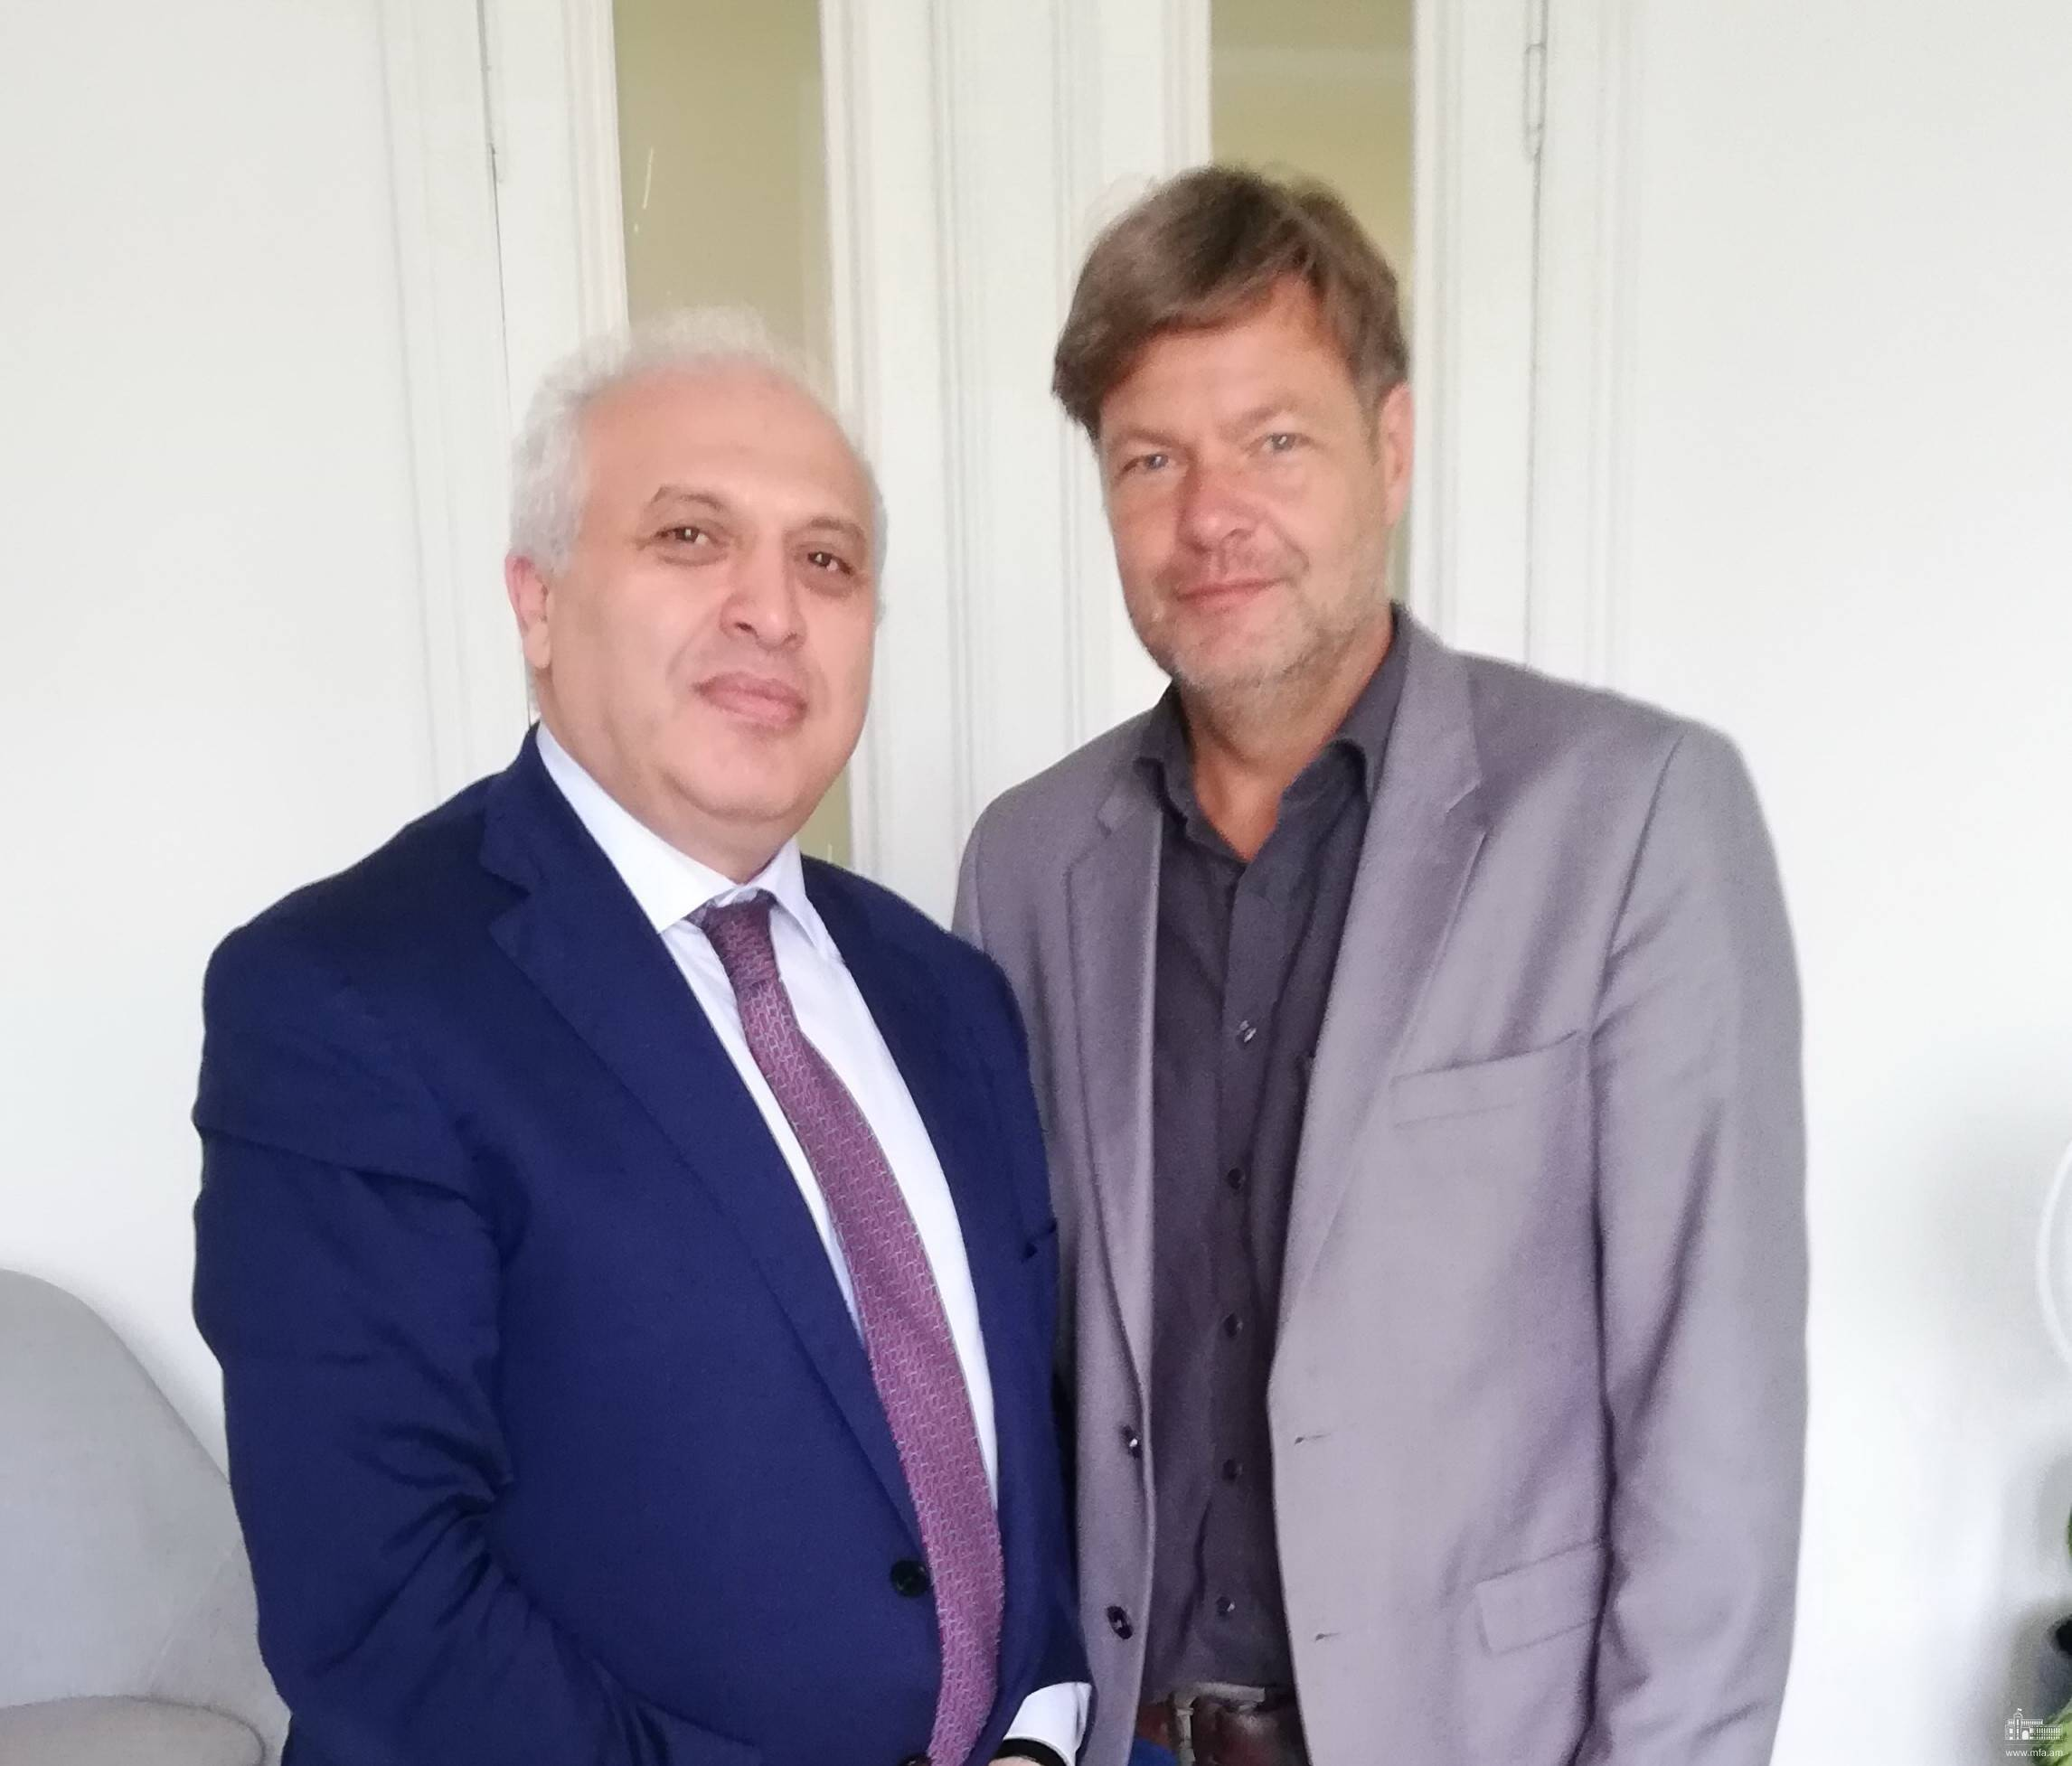 Դեսպան Աշոտ Սմբատյանի հանդիպումը Գերմանիայի Դաշինք 90/Կանաչներ կուսակցության դաշնային նախագահի հետ